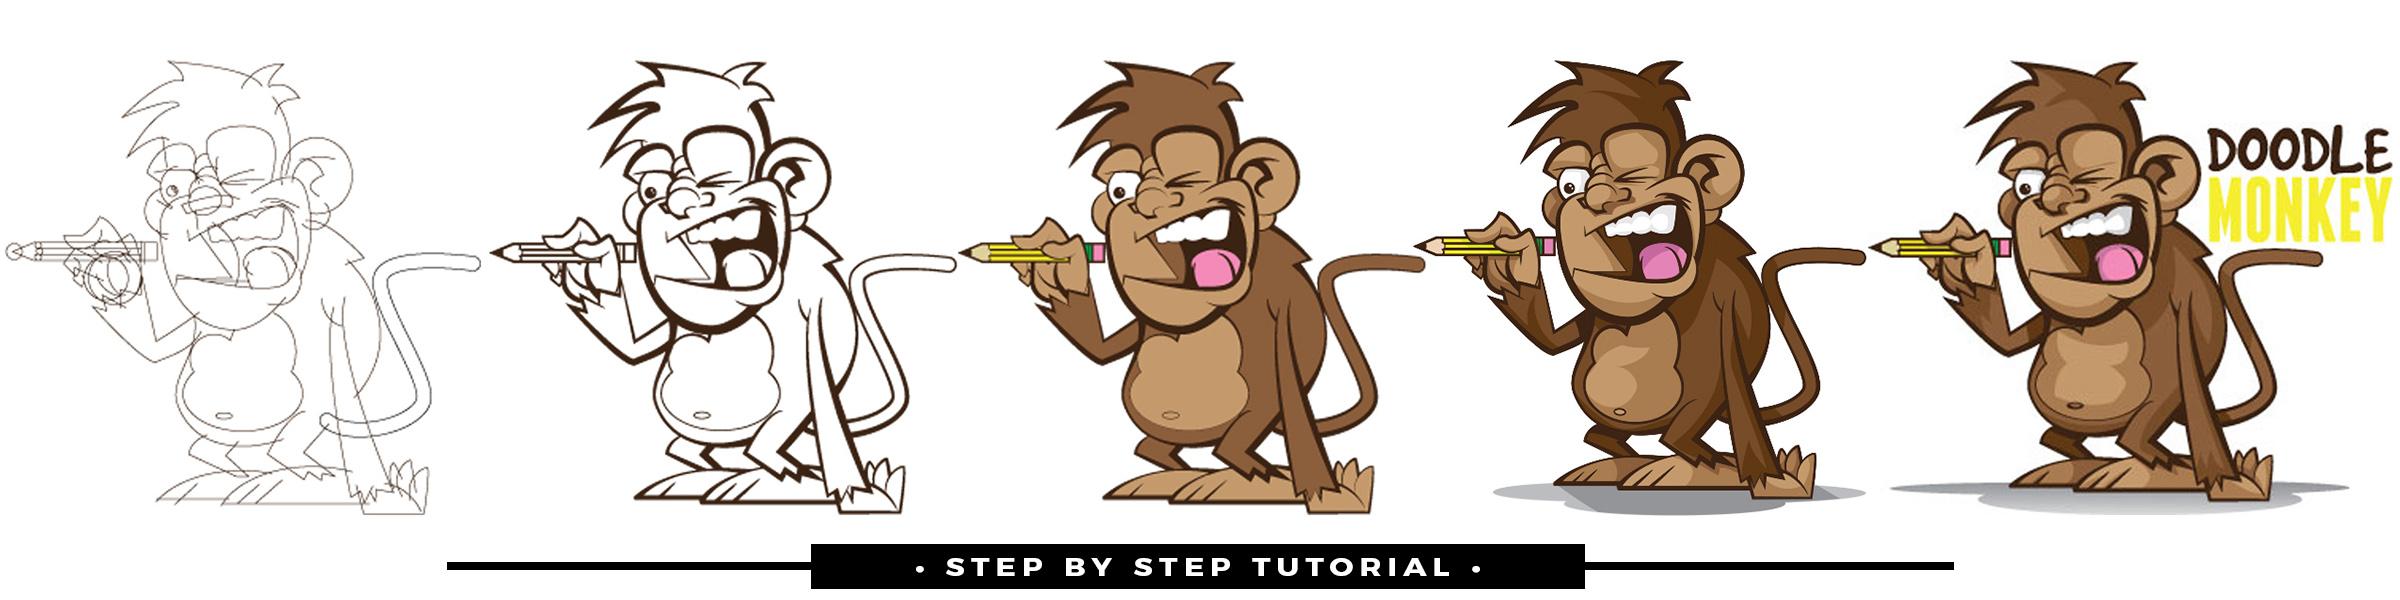 Beginner Adobe Illustrator Coloring Cartoon Tutorial - Jason Secrest